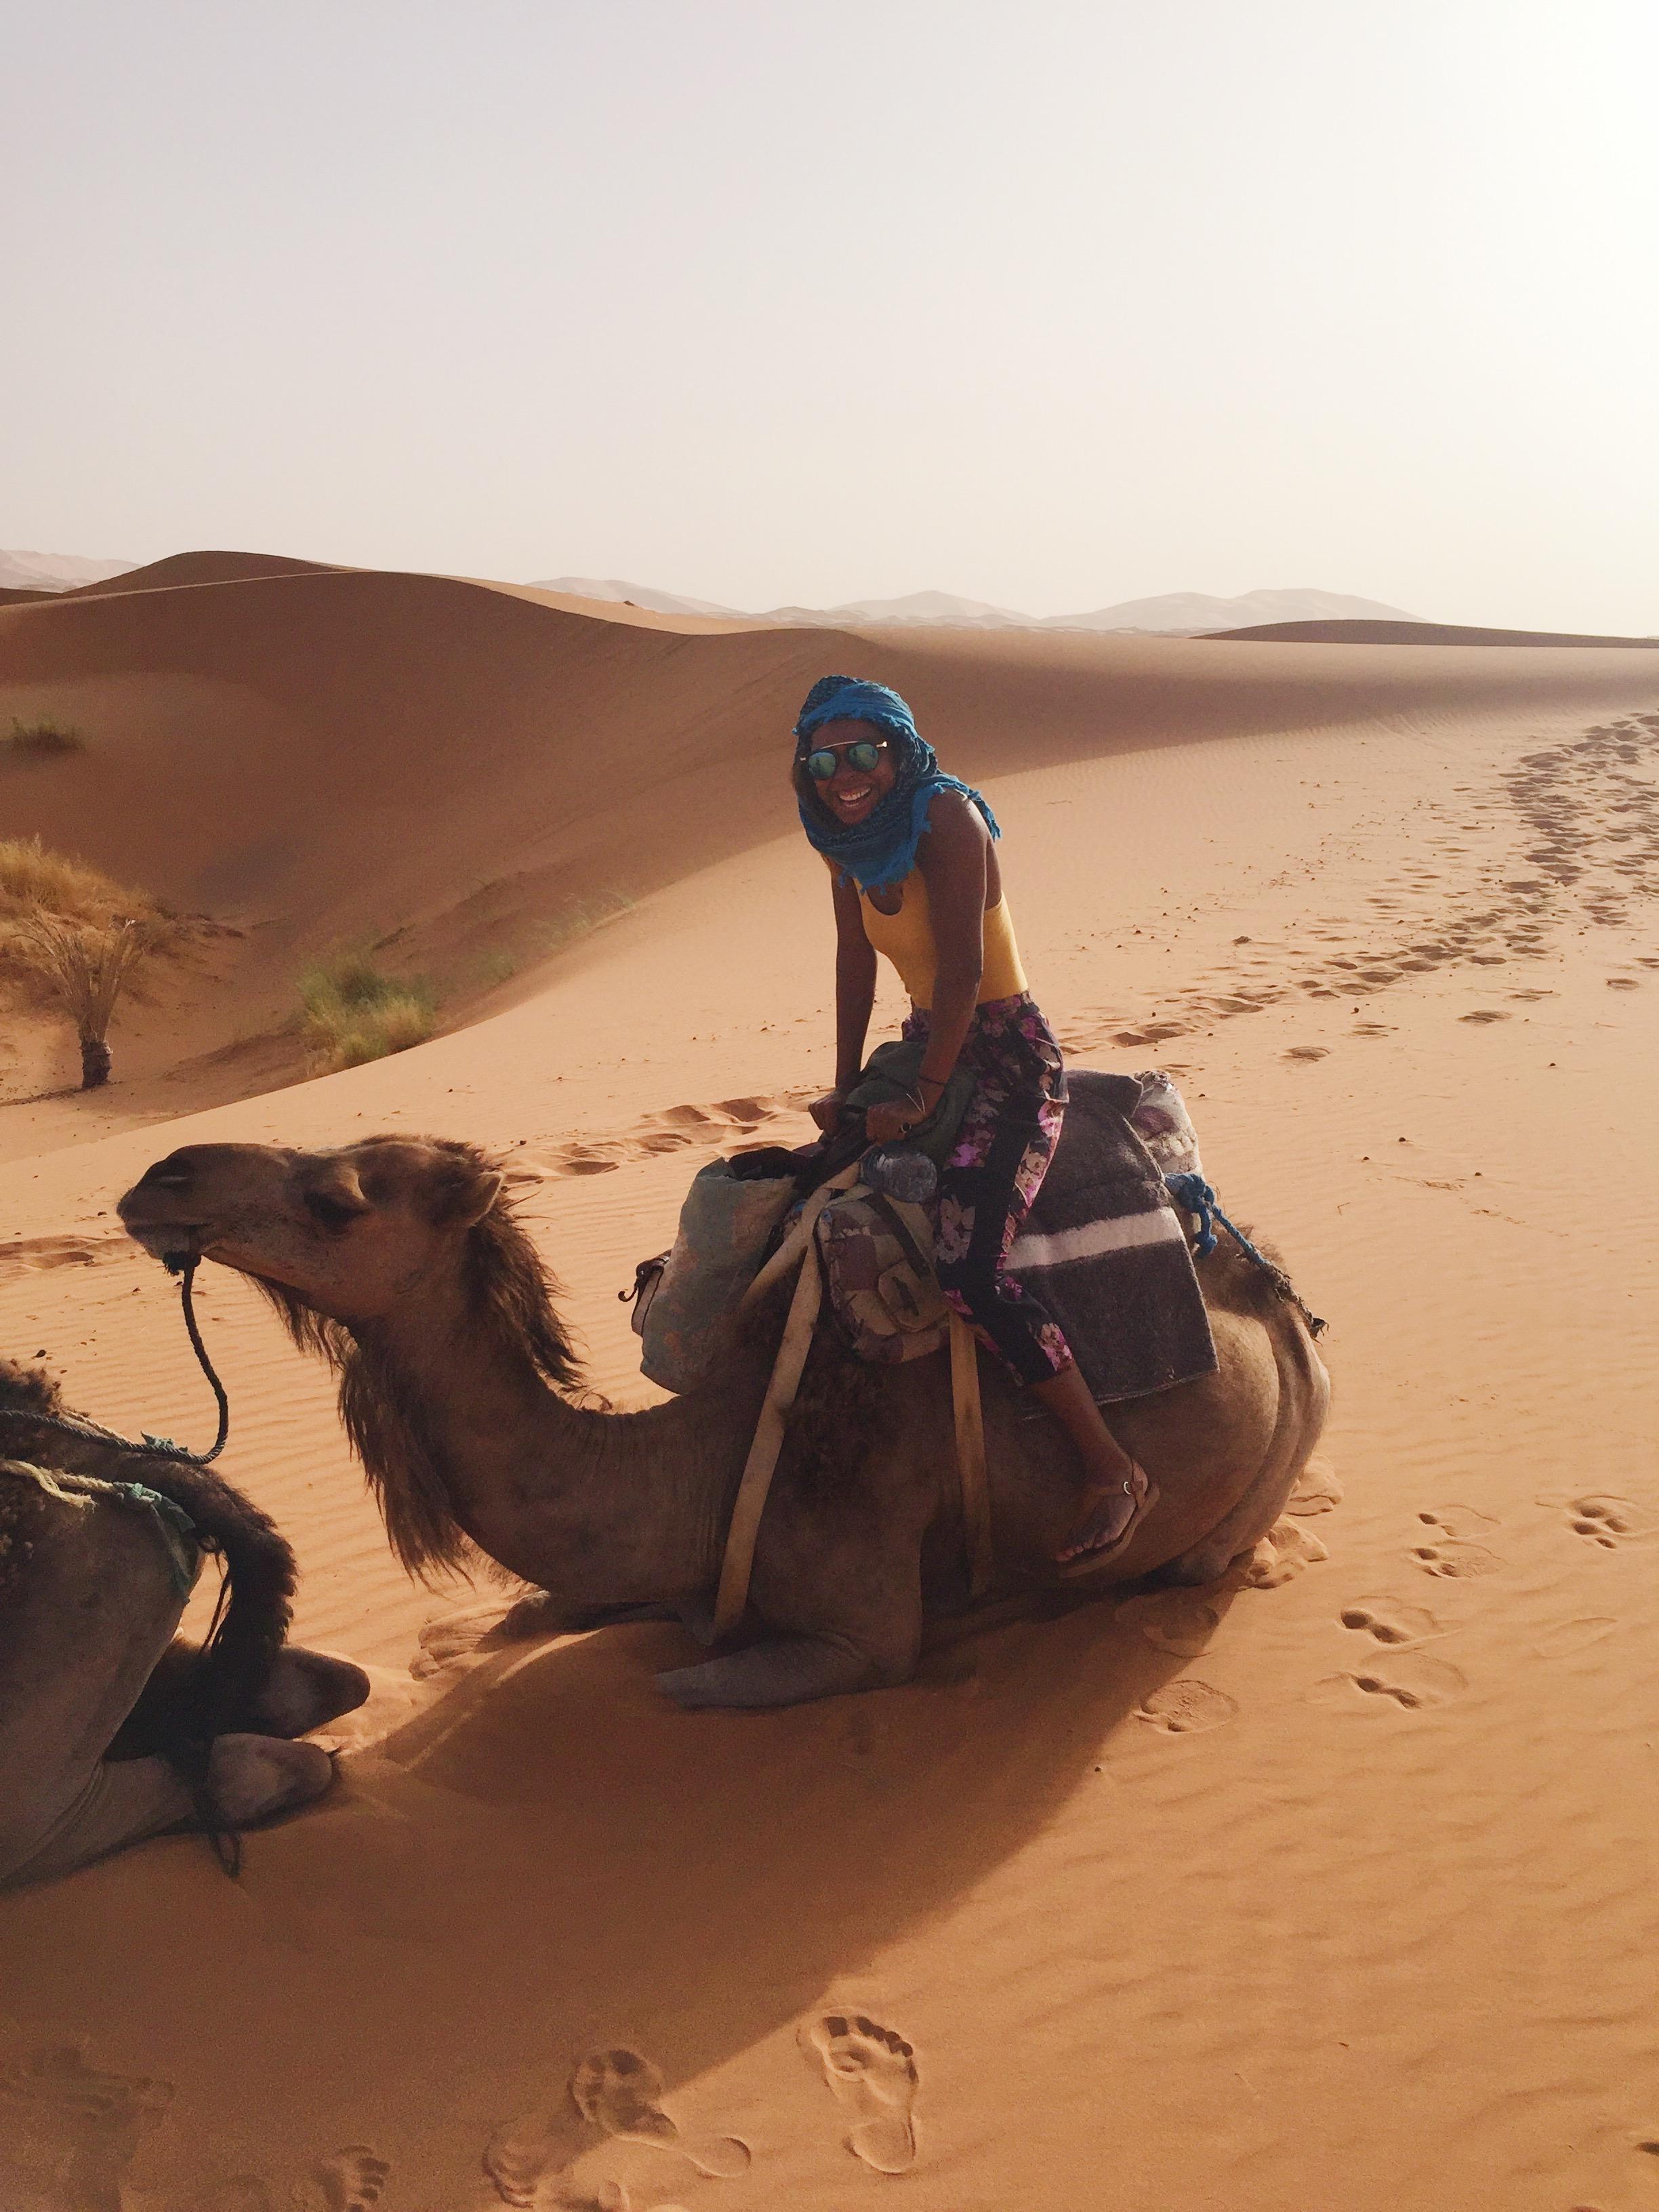 Adventure in the Sahara Desert